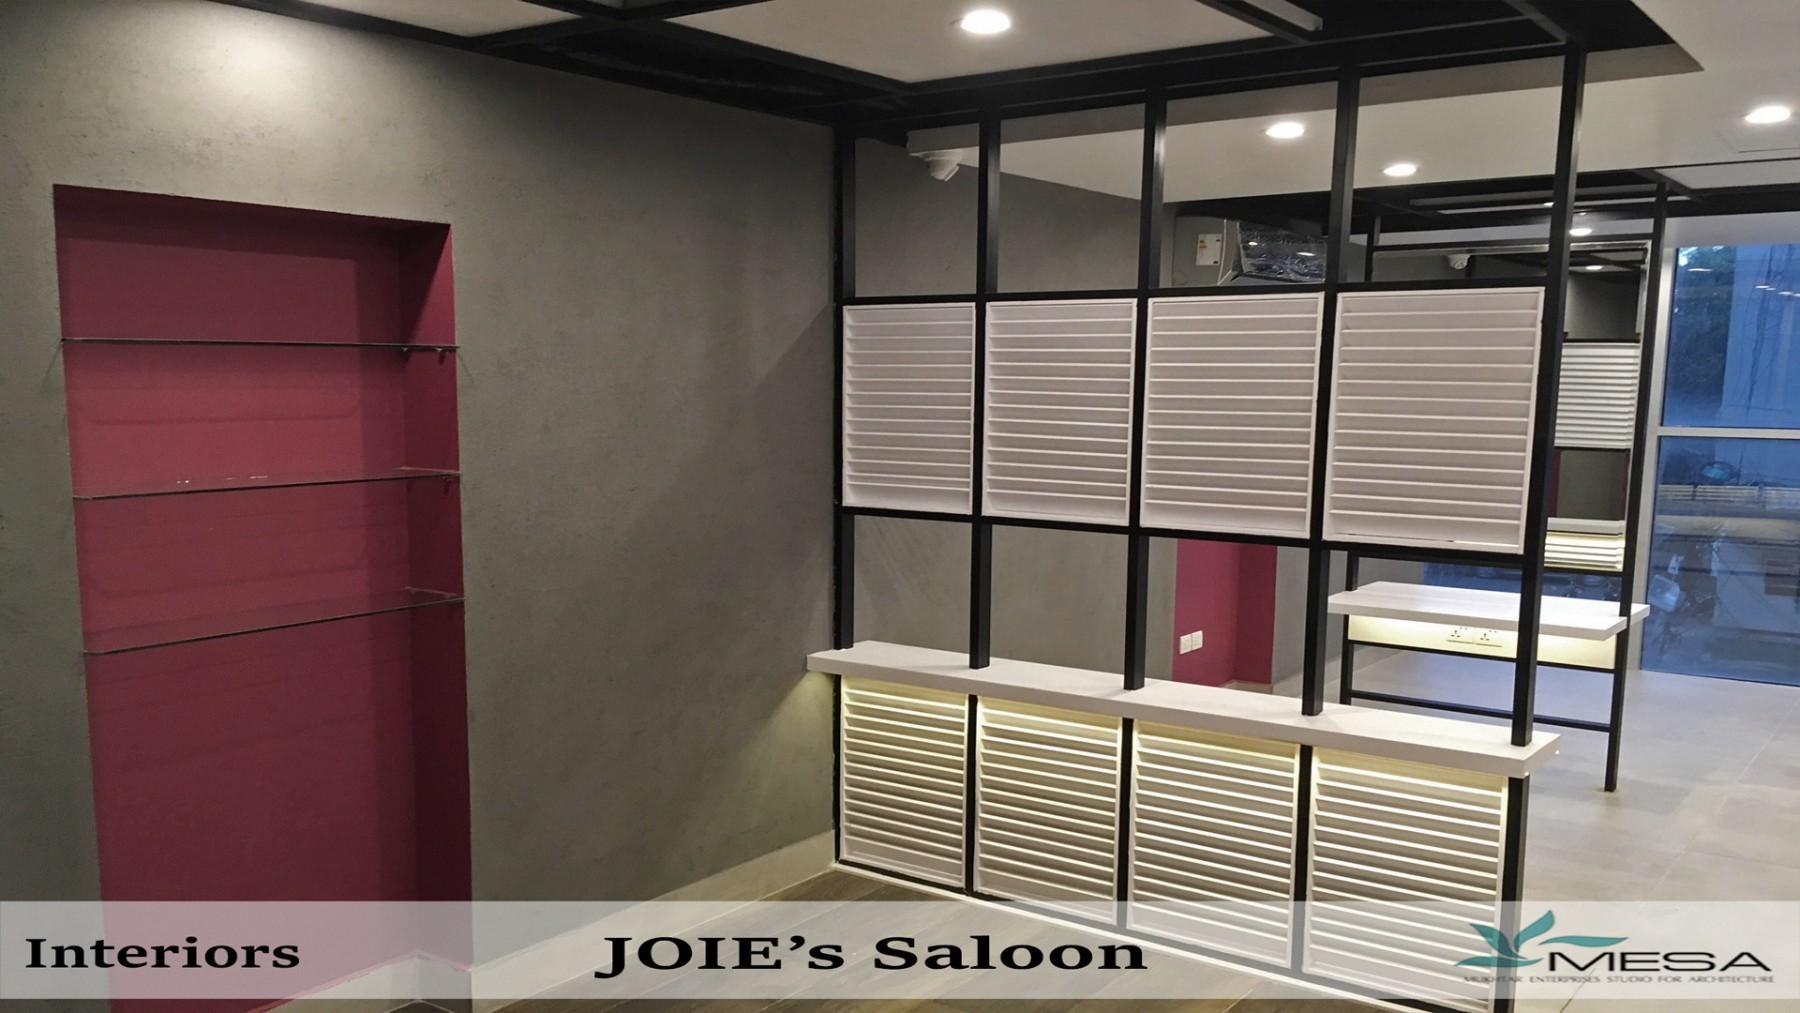 JOIEs-Saloon-3